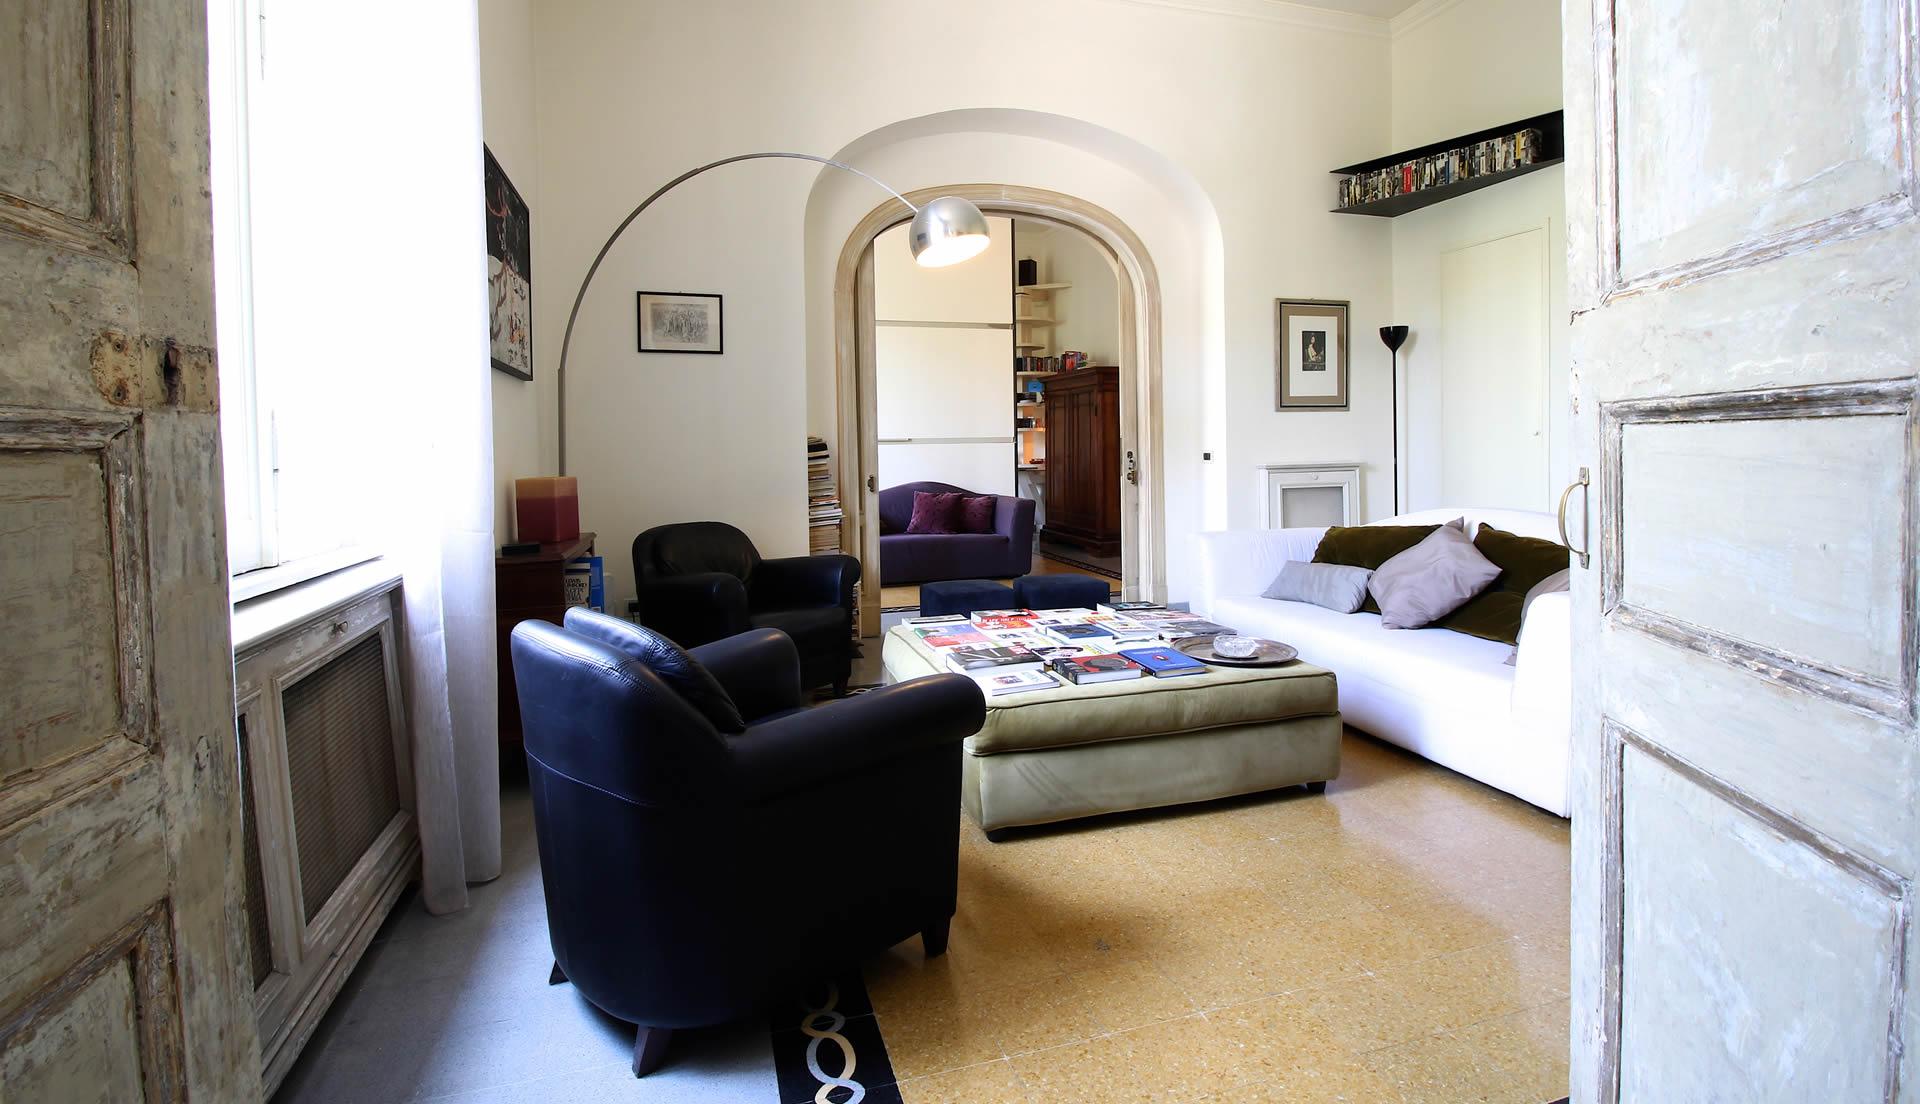 Una casa nel cuore di monti roma maria laura berlinguer for Case in affitto roma